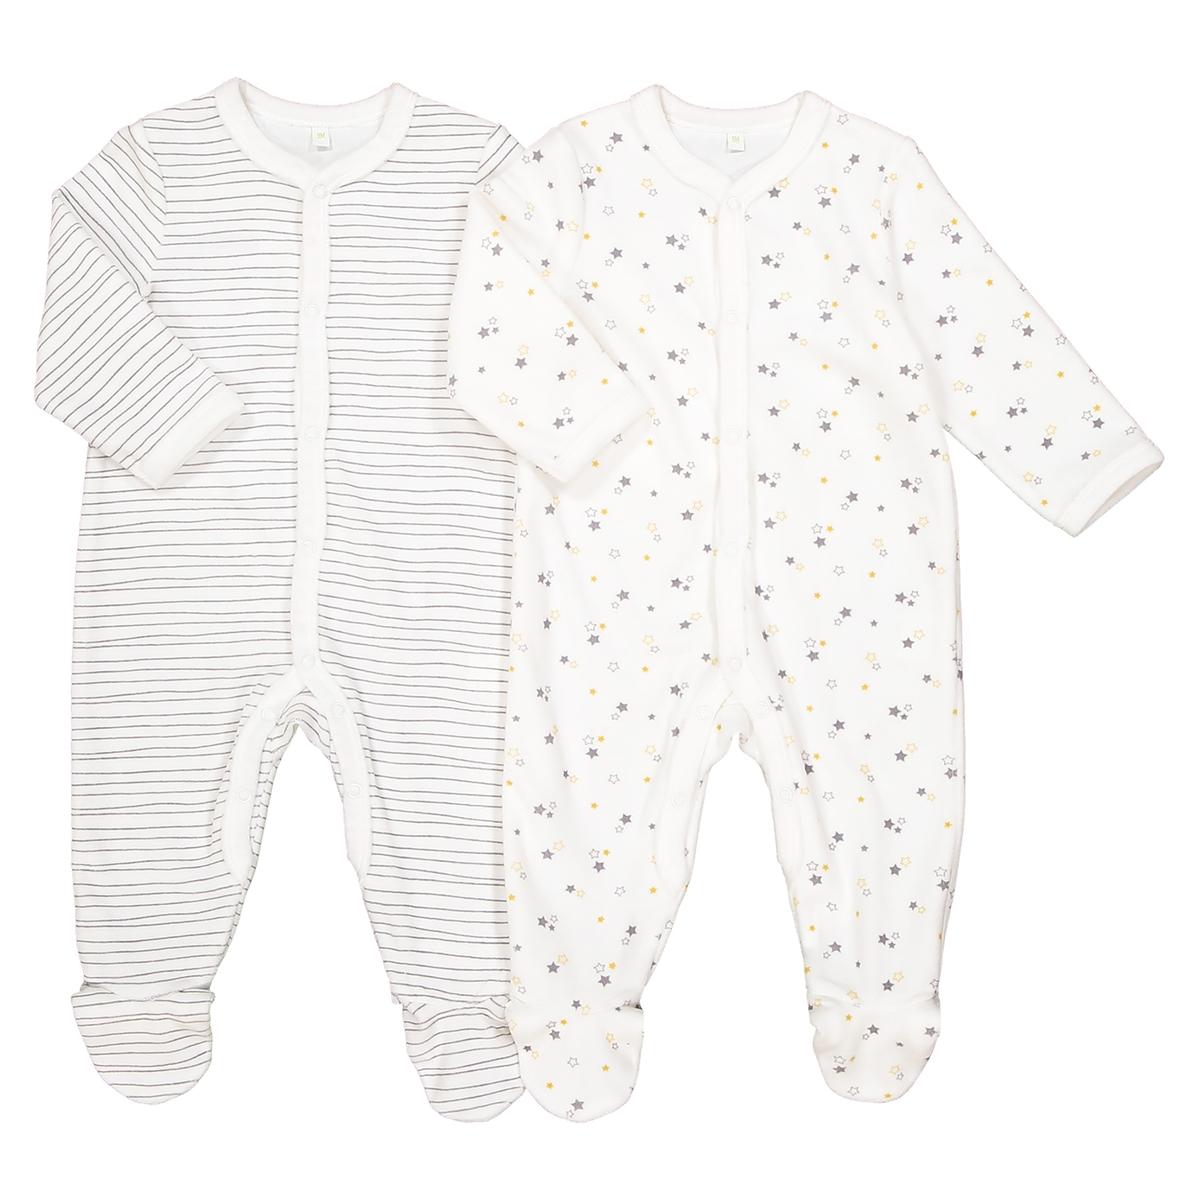 Комплект из 2 пижам: в полоску и с рисунком звезды, 0 мес. - 3 года